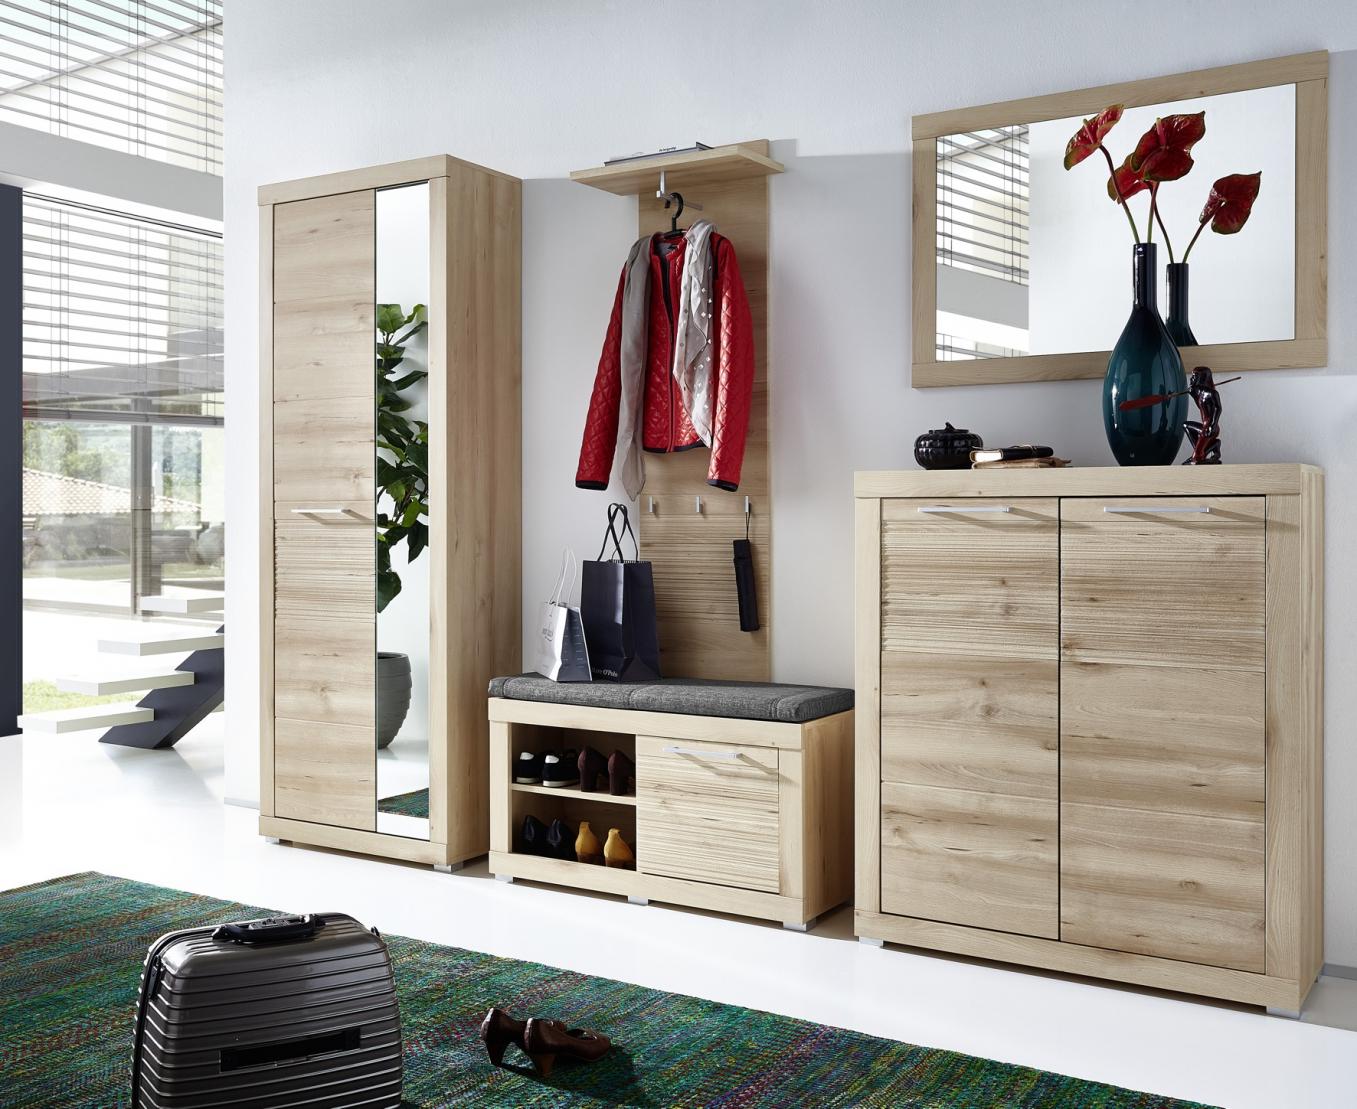 innostyle im dienste sch ner und moderner einrichtung. Black Bedroom Furniture Sets. Home Design Ideas